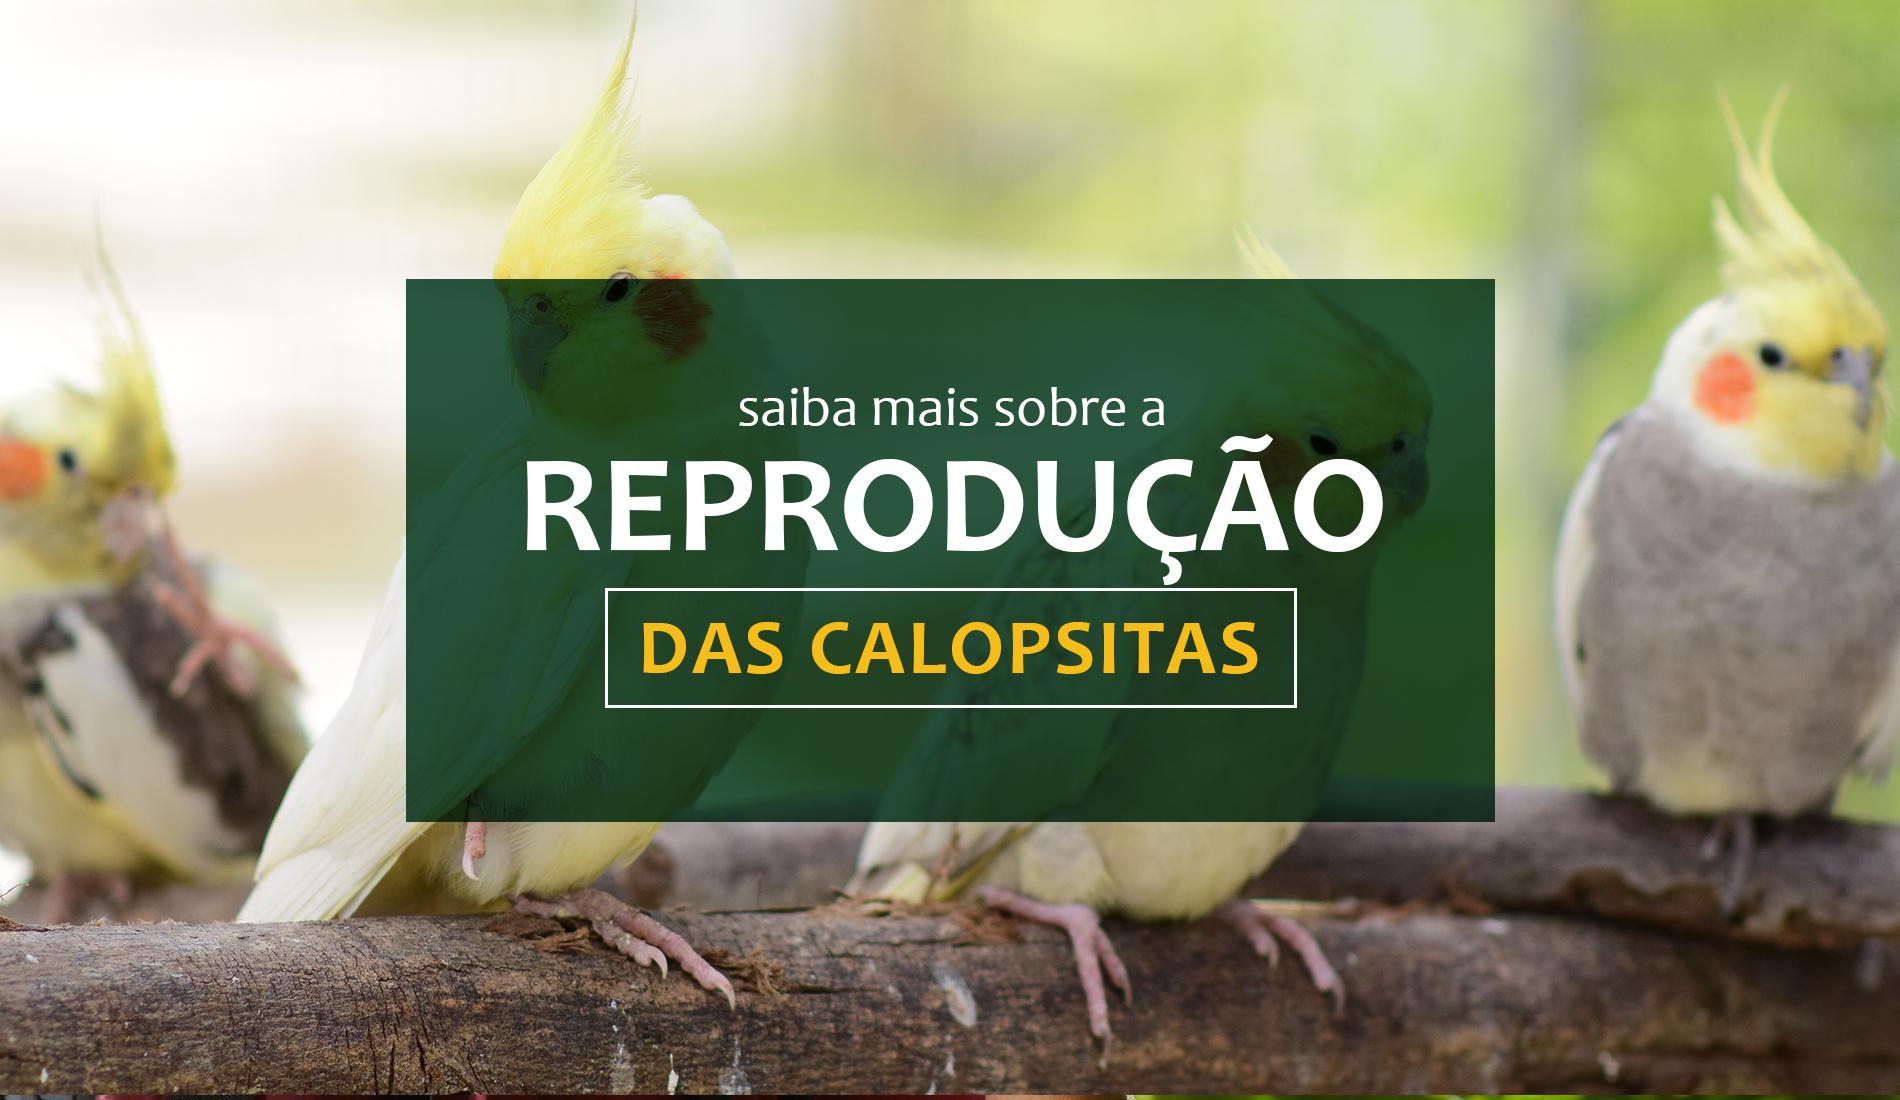 Saiba mais sobre a reprodução das Calopsitas